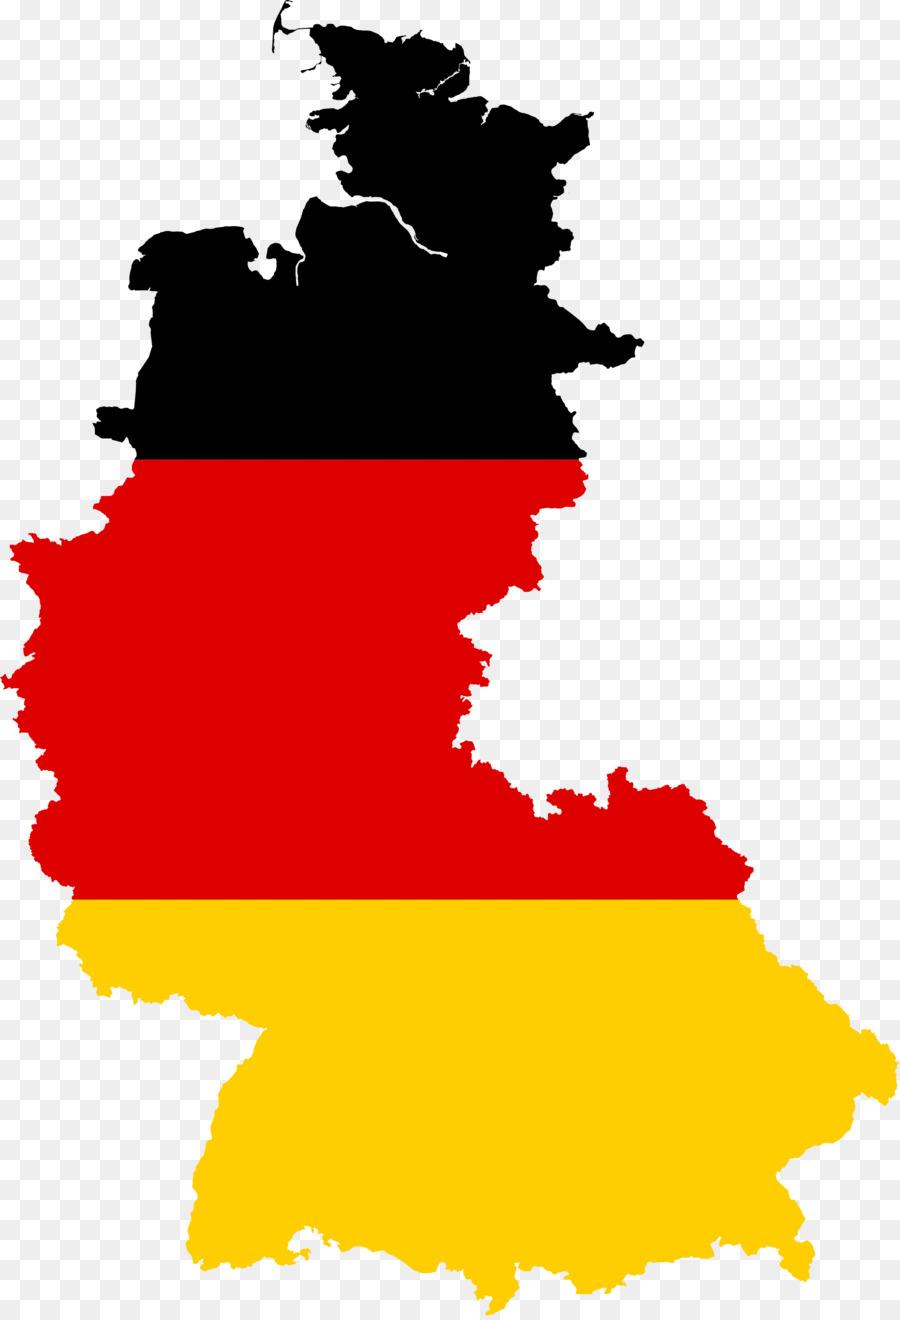 Cartina Germania Ovest.La Germania Ovest E Germania Est Riunificazione Tedesca Di Bandiera Della Germania Del Muro Di Berlino Mappa Scaricare Png Disegno Png Trasparente Rosso Png Scaricare